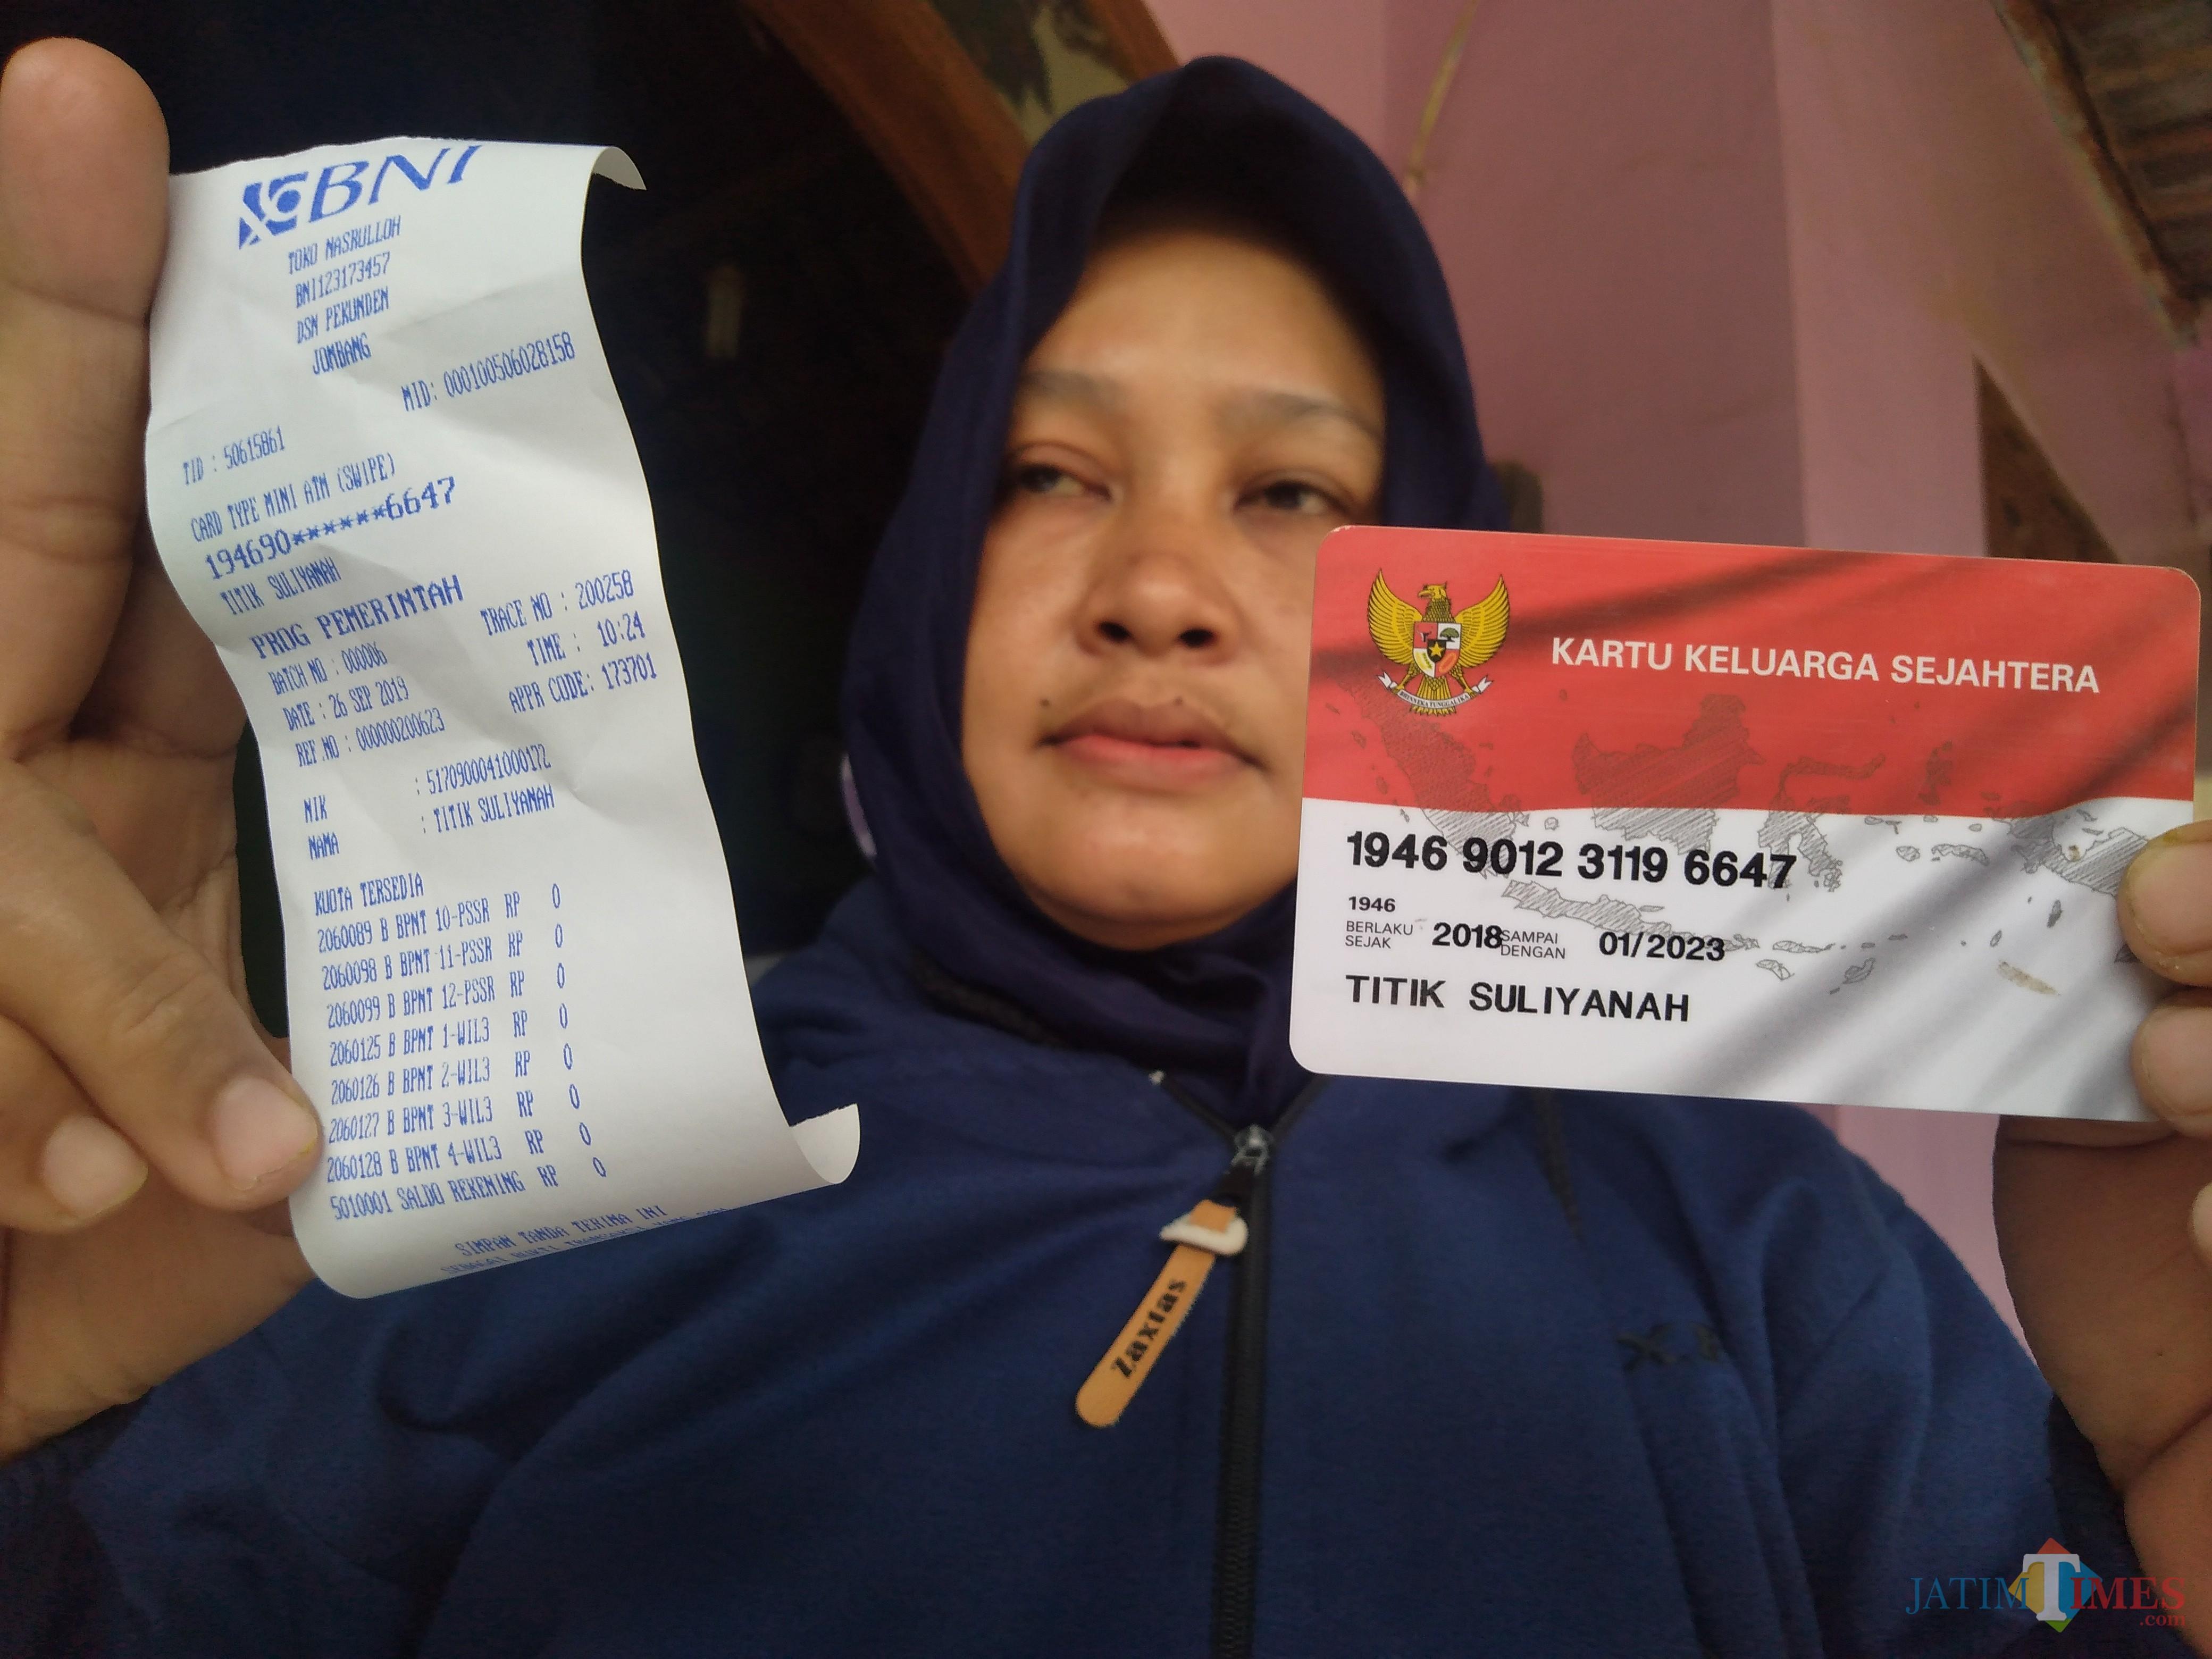 Saat Pencairan Bansos Kpm Ini Terima Saldo Nol Rupiah Jatim Times